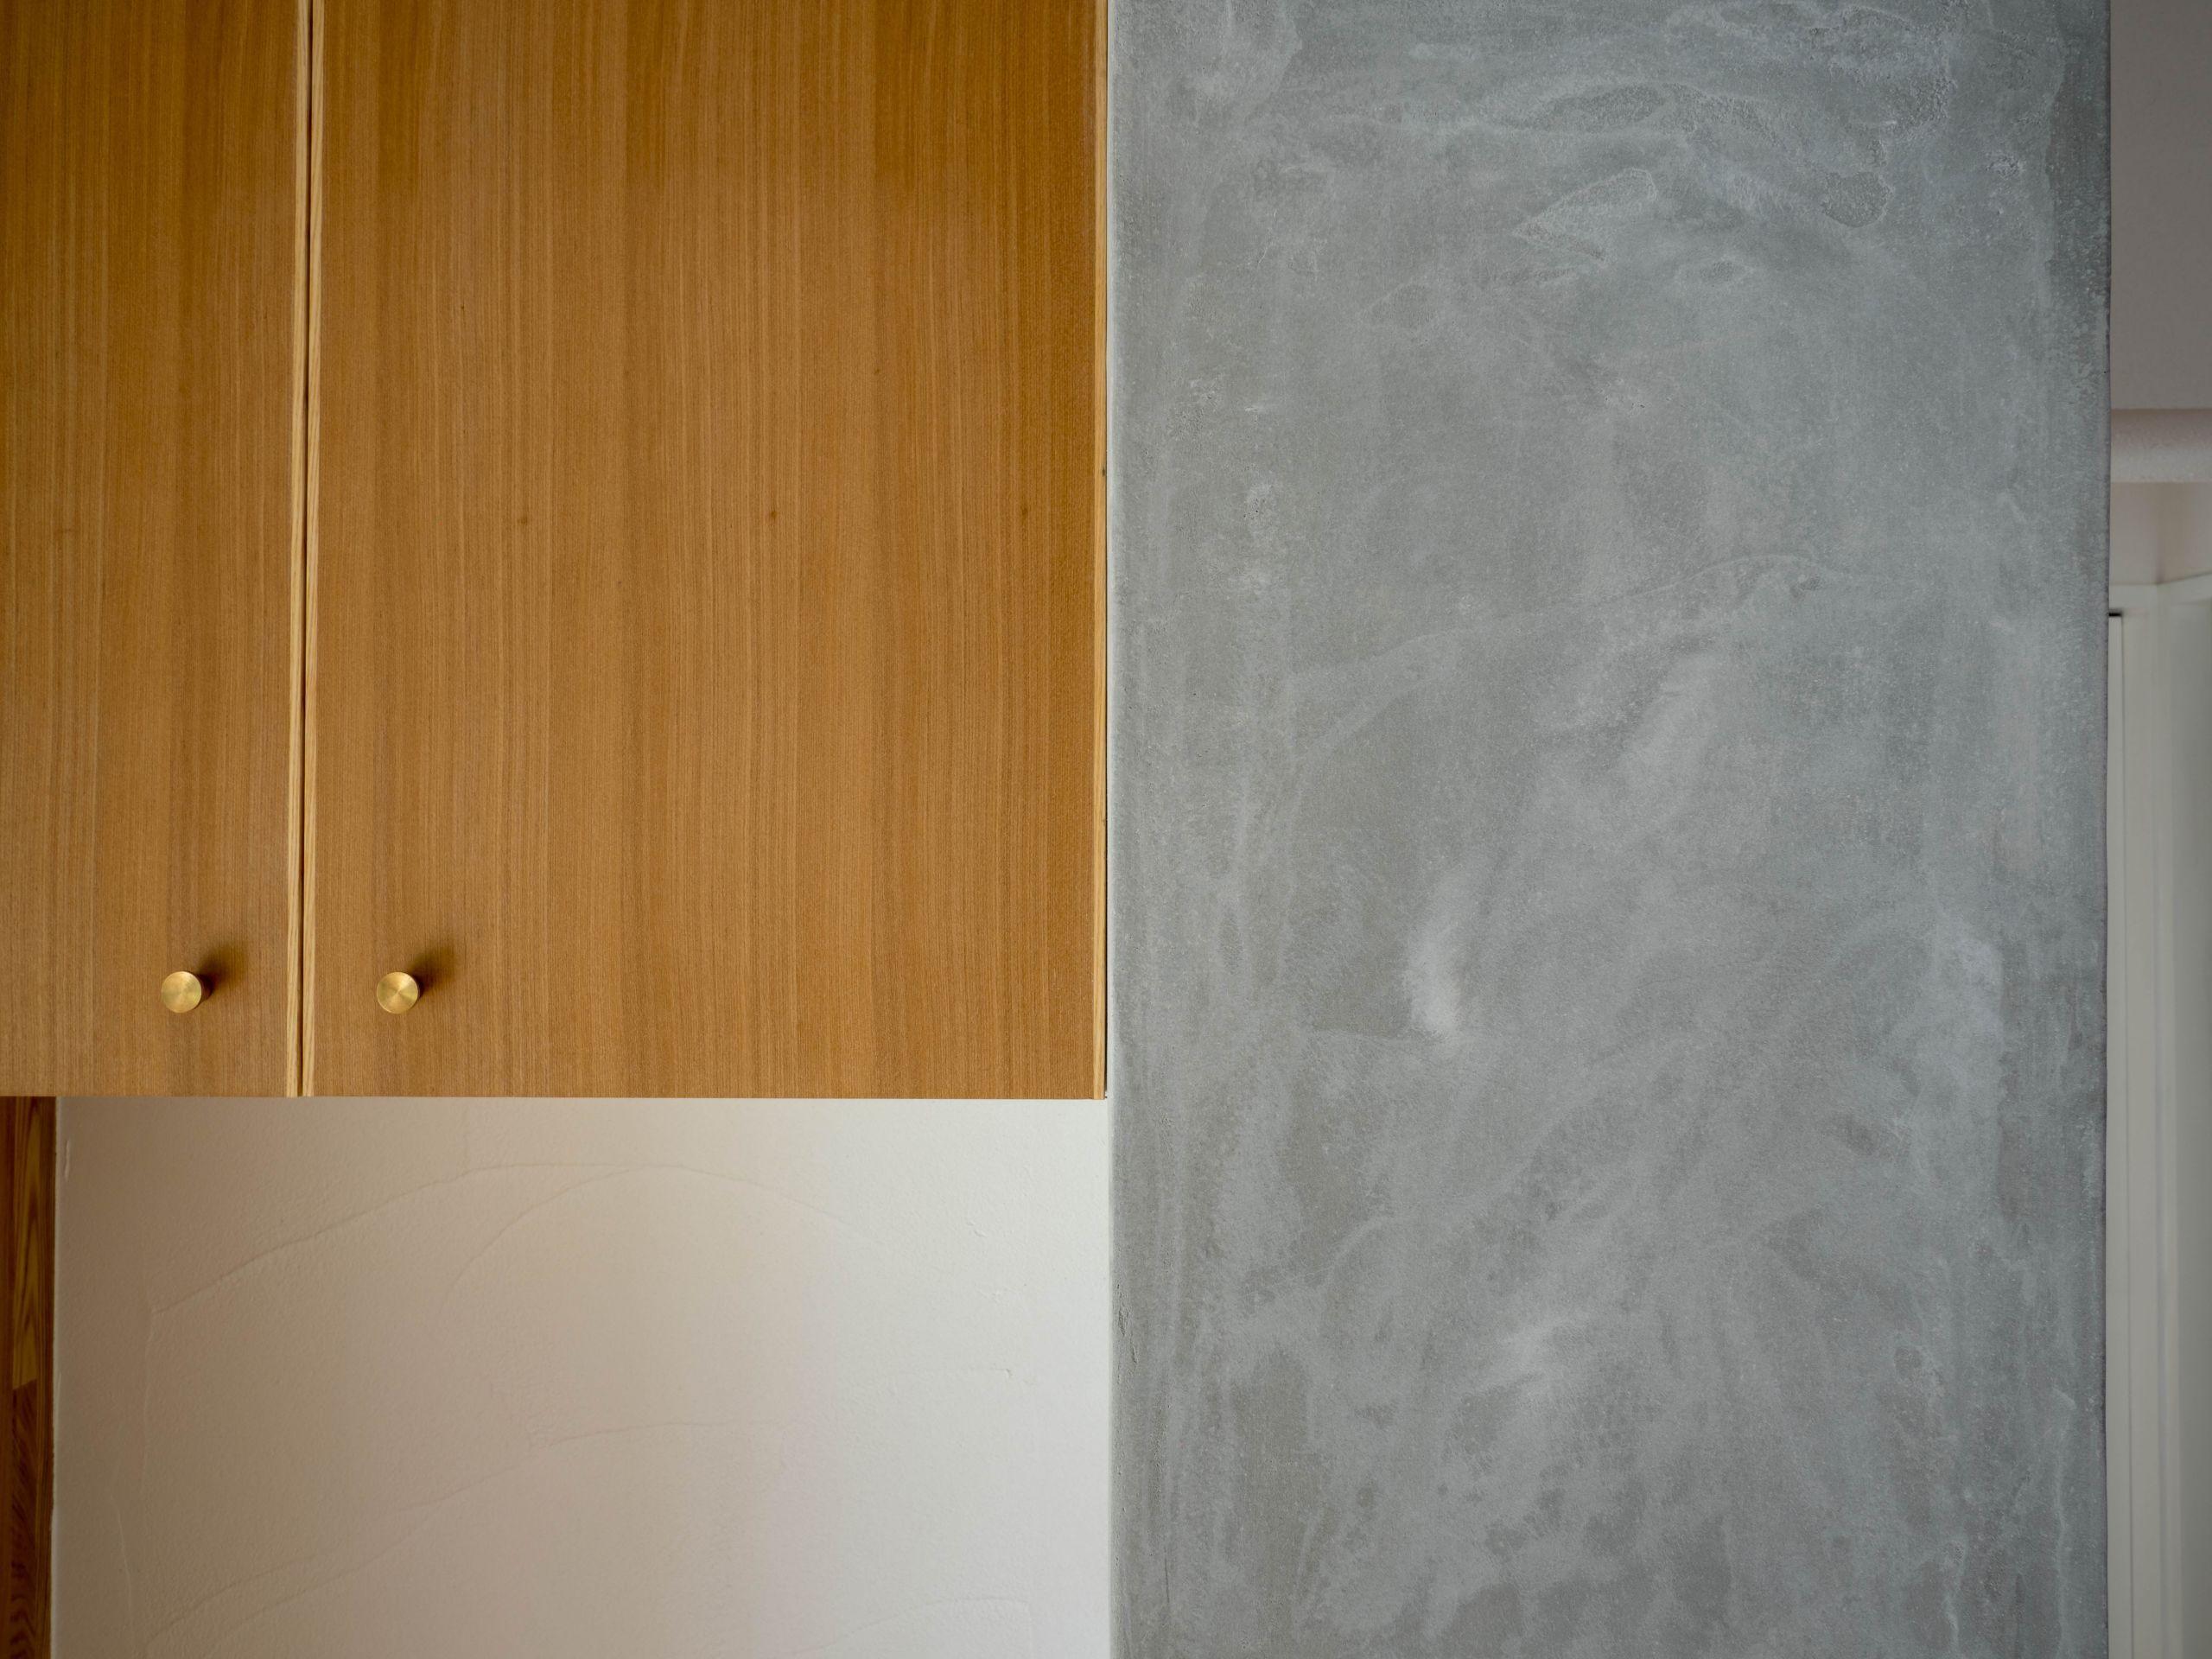 リビングダイニング事例:モルタルを白華させたオリジナル壁素材(壁孔の家)